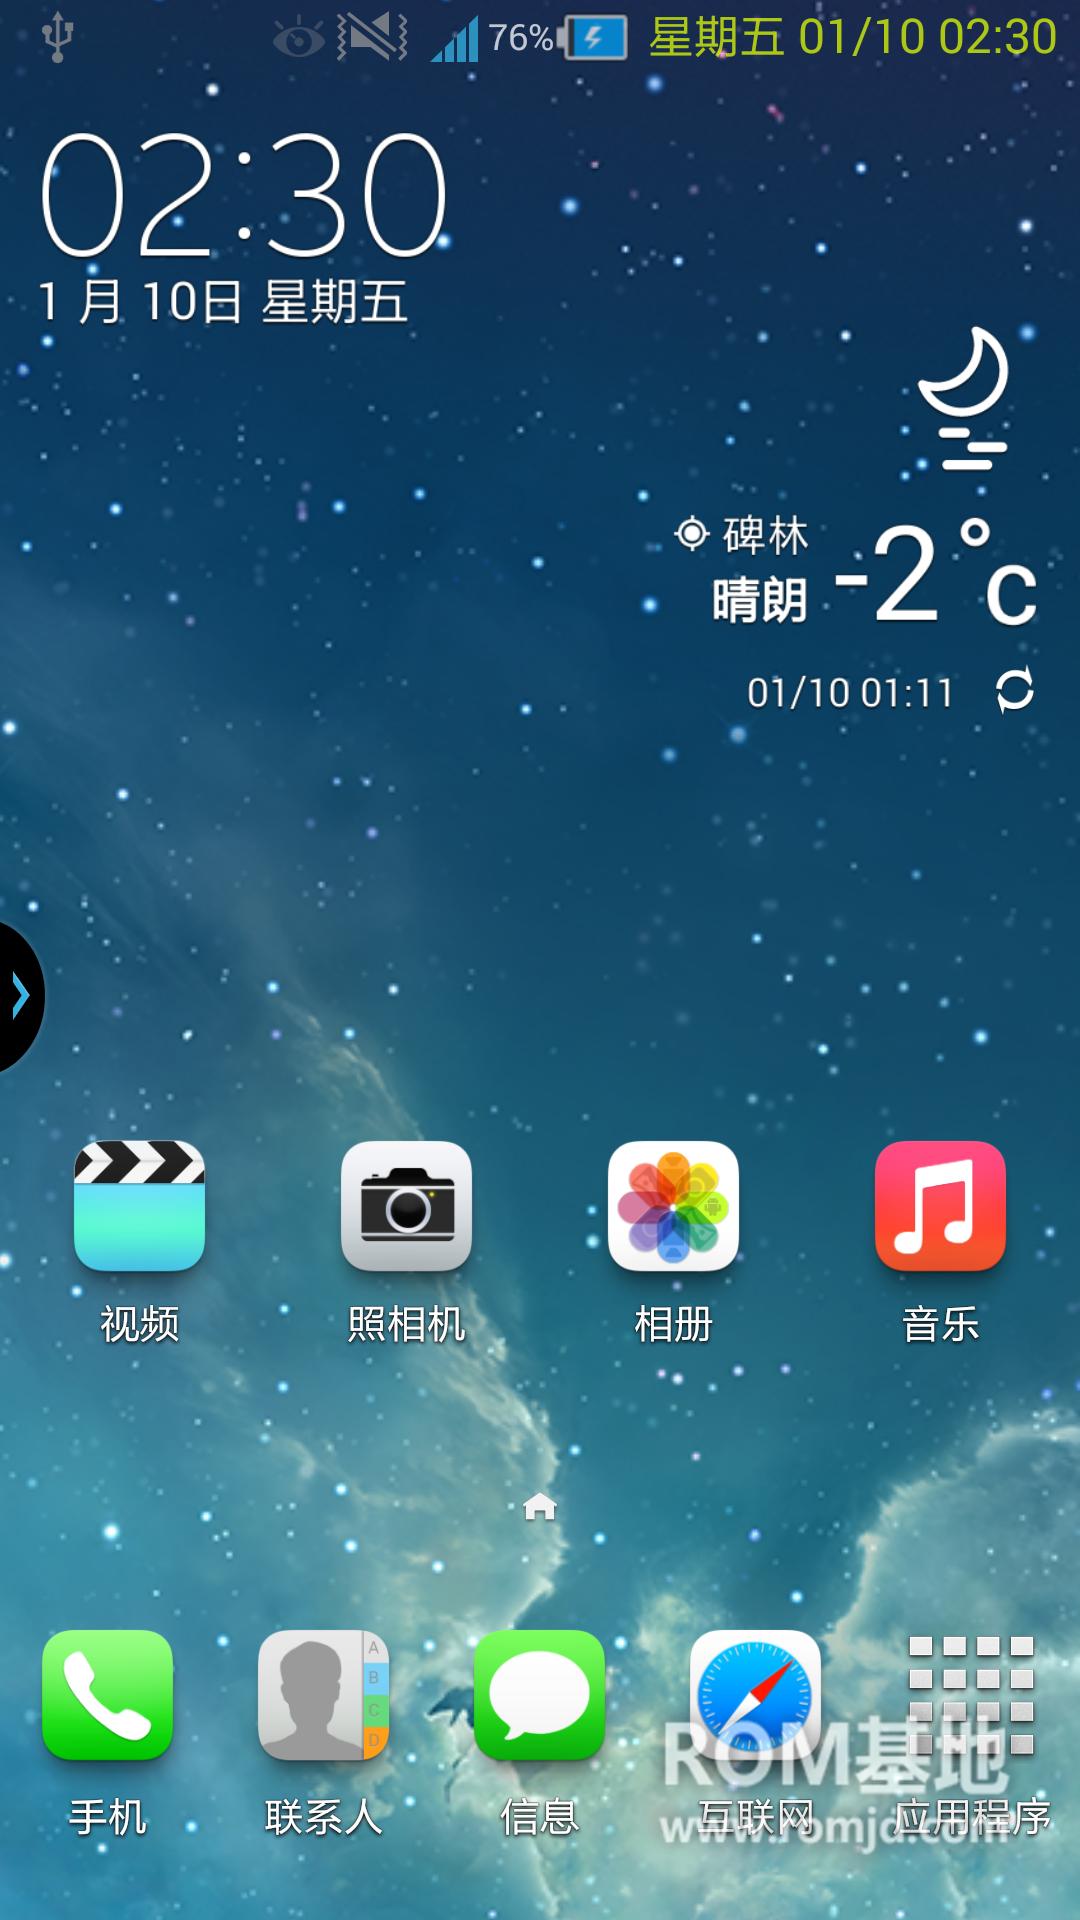 三星 N900刷机包(Note3) ZSUCML1 完美root||实用自定义||稳定省电长期使用版